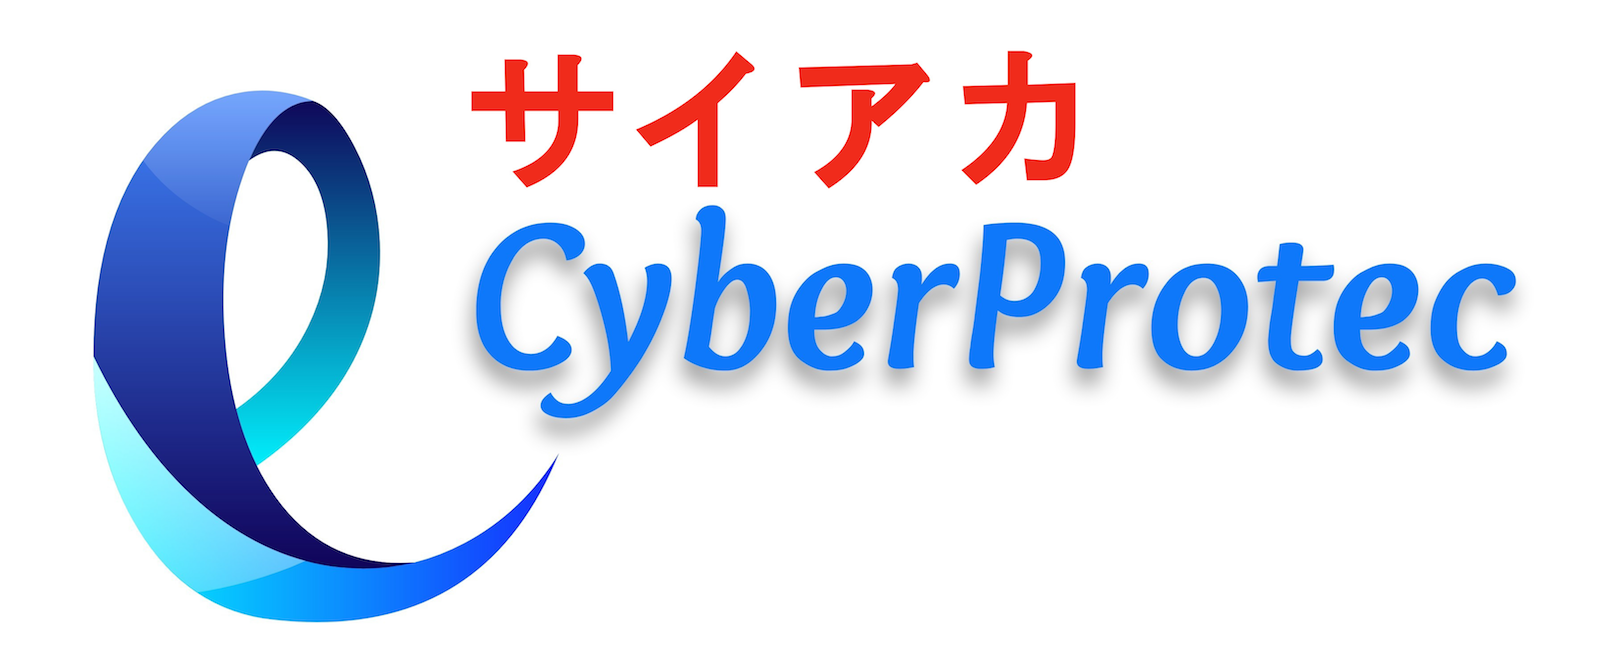 株式会社サイバープロテック